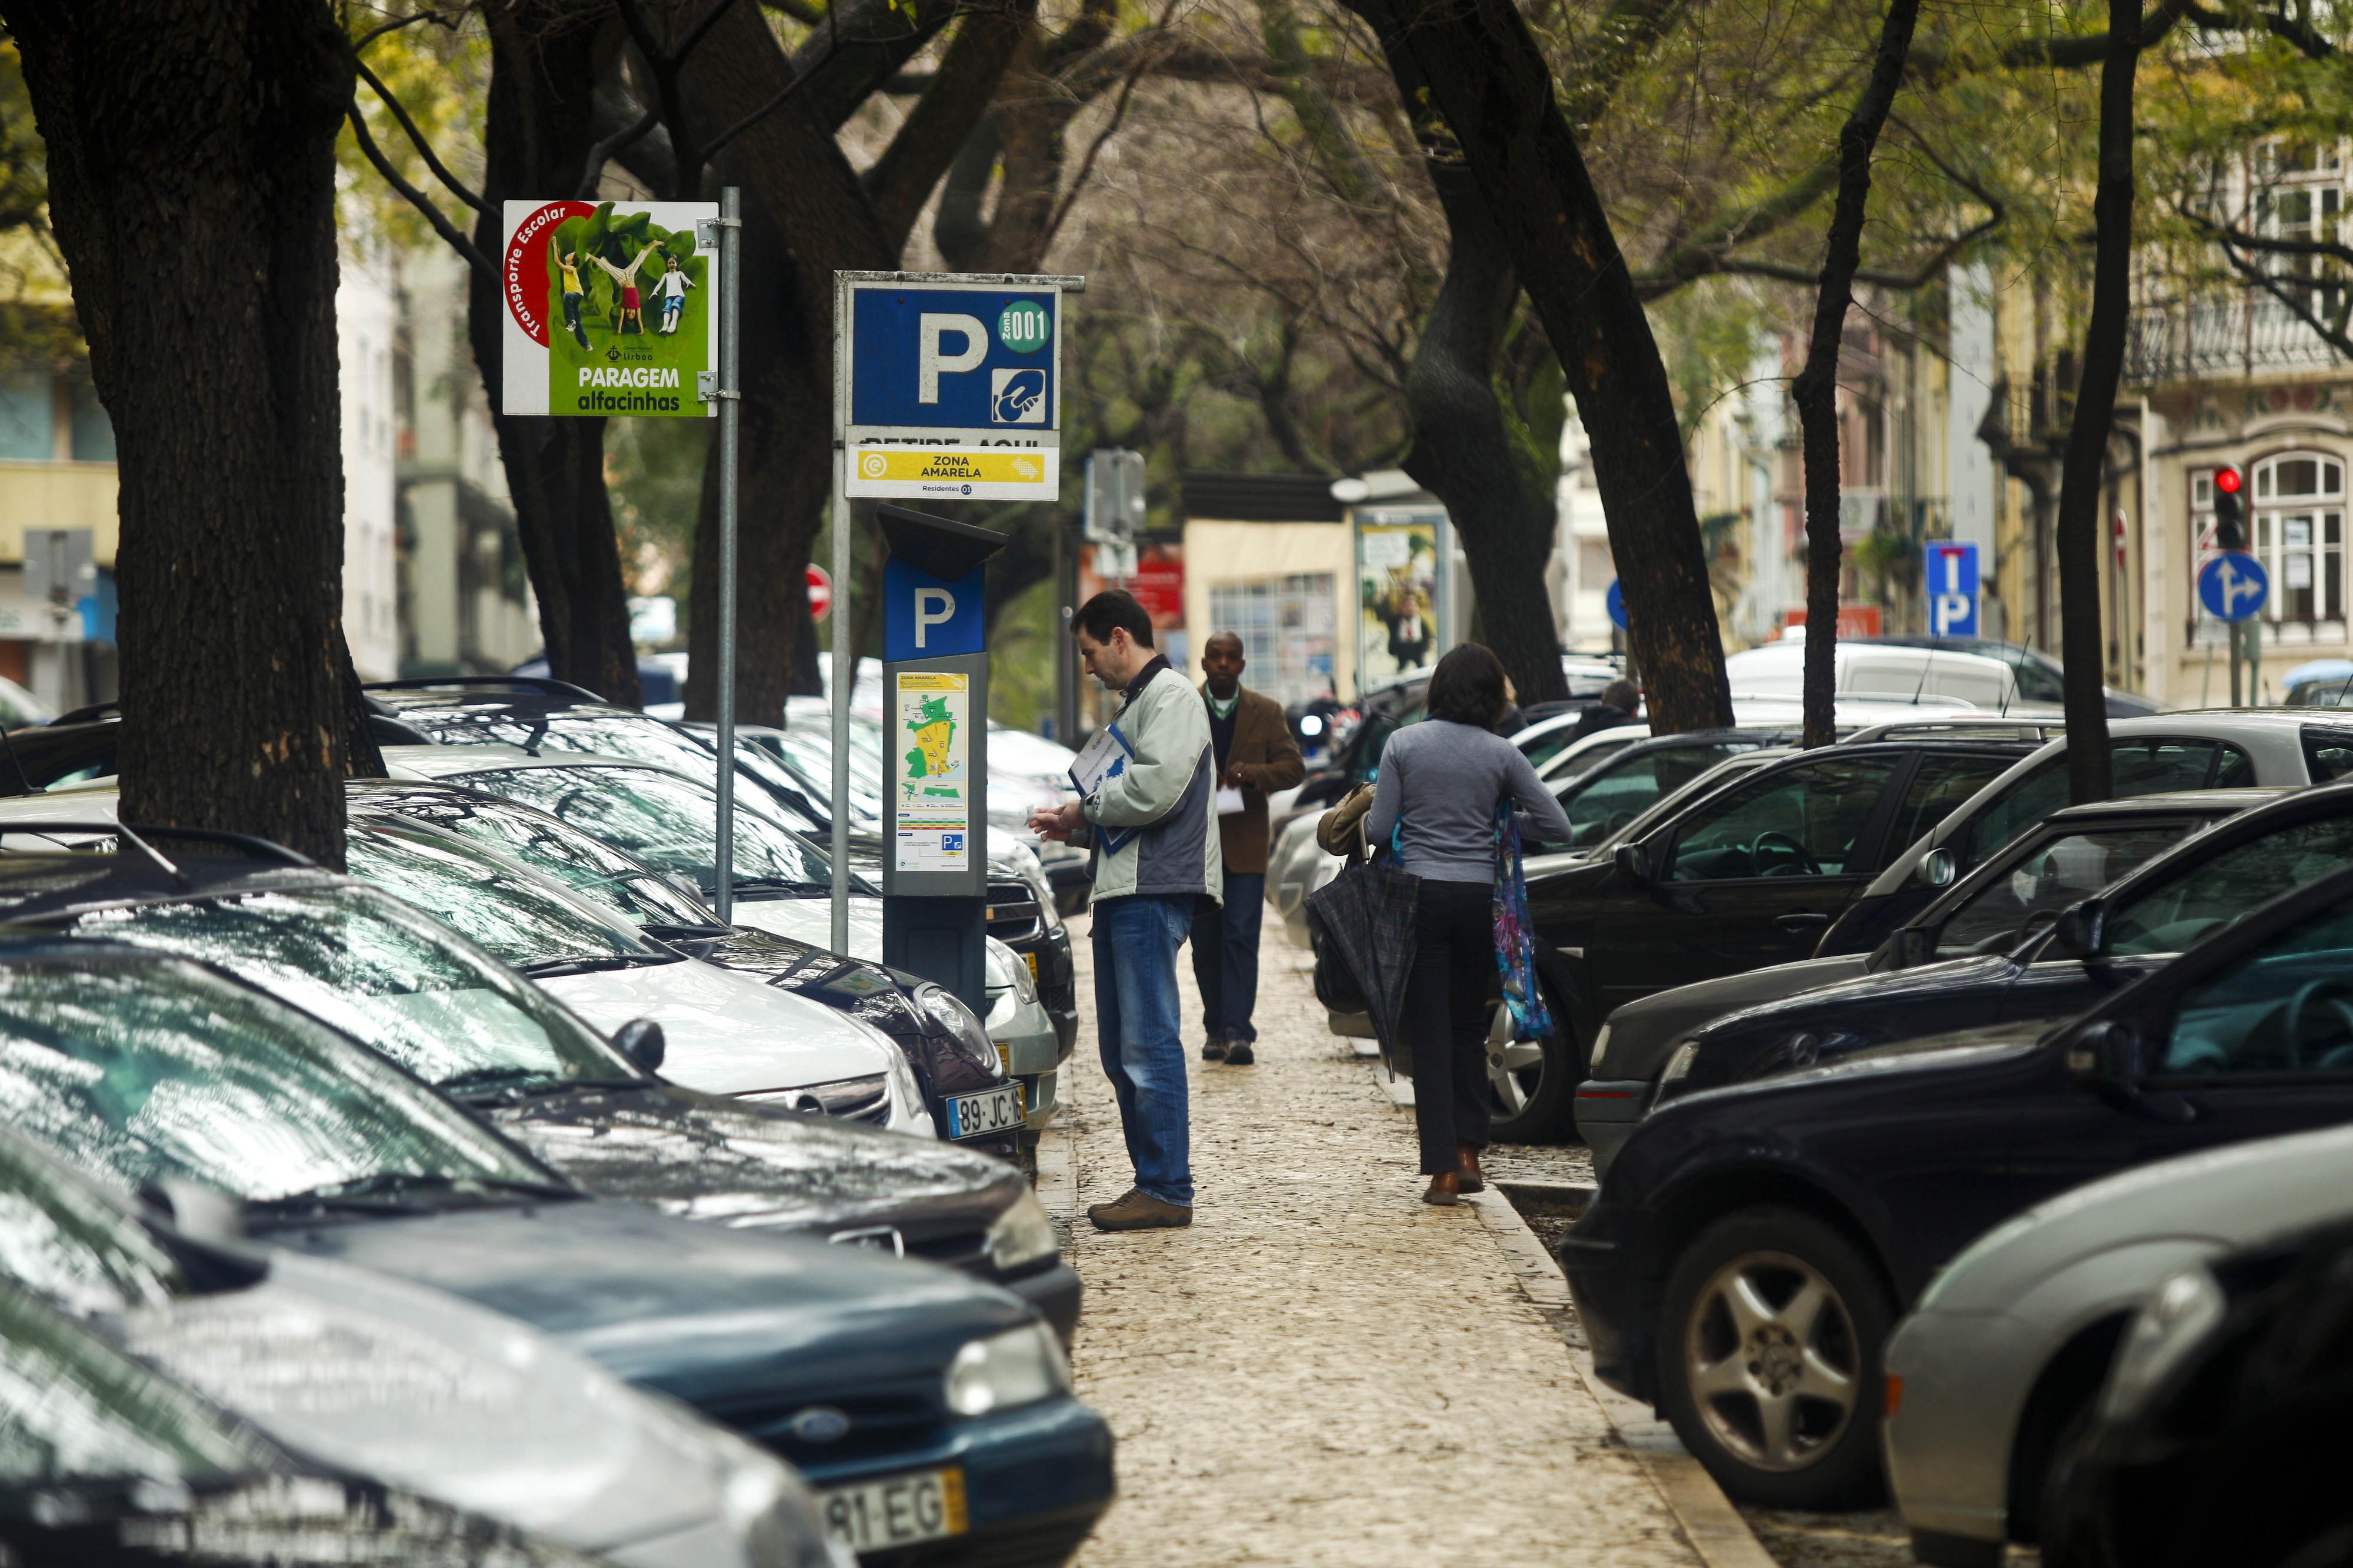 Exceções para cuidadores informais e tempo gratuito junto aos centros de saúde: Petição defende estas e outras alterações ao estacionamento em Lisboa